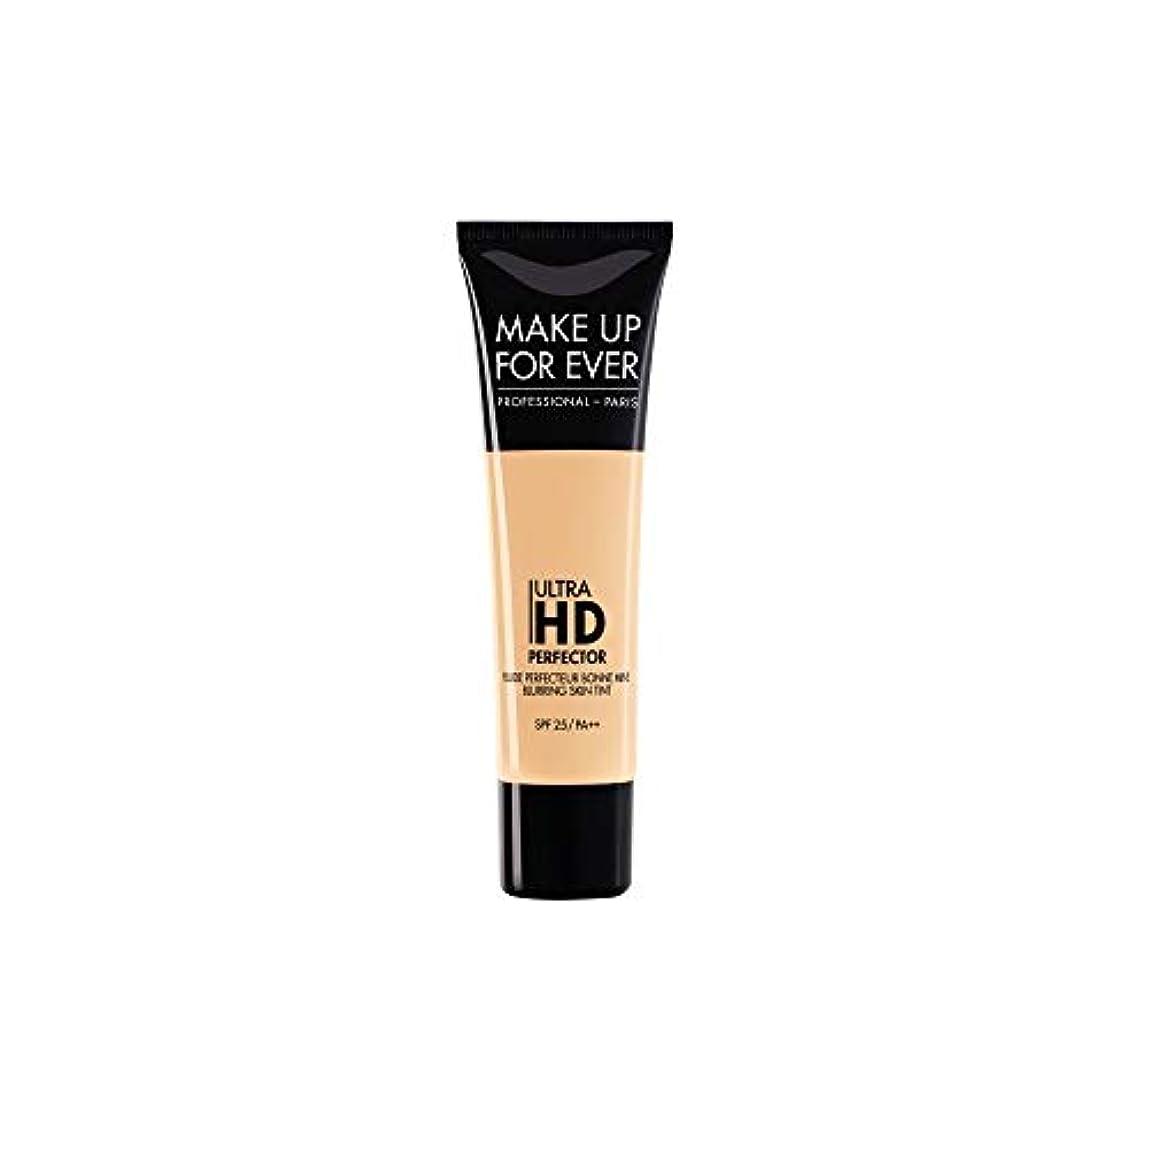 変数鰐減らすメイクアップフォーエバー Ultra HD Perfector Blurring Skin Tint SPF25 - # 03 Golden Vanilla 30ml/1.01oz並行輸入品